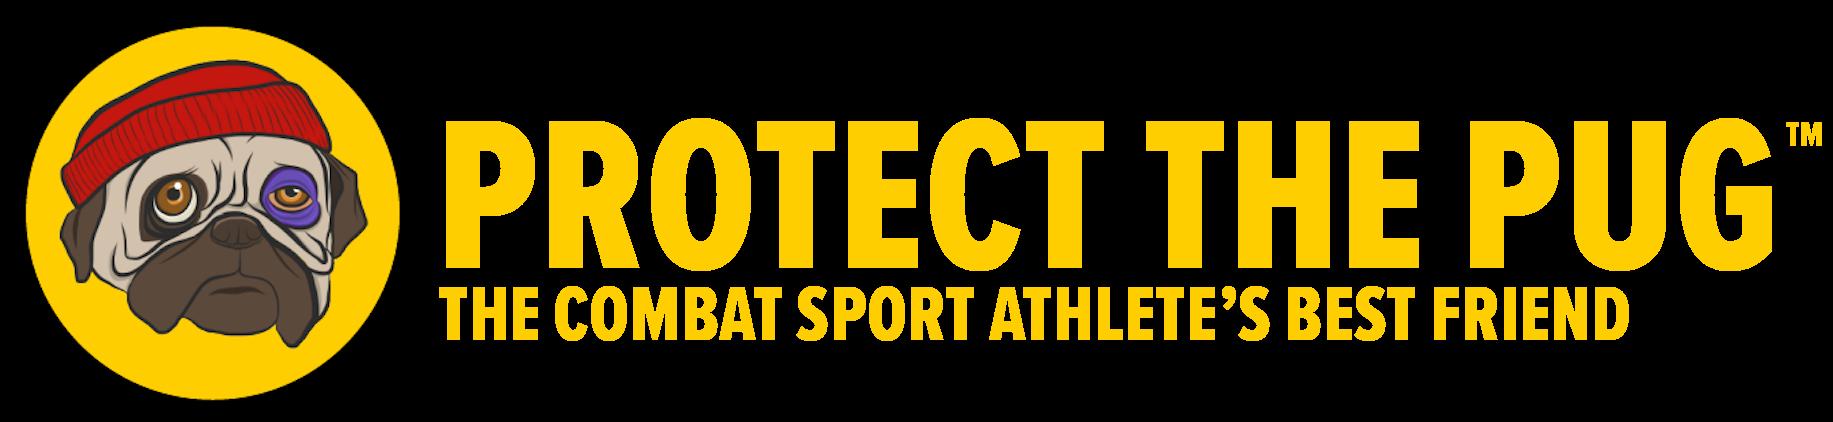 COMBAT pug logo.png